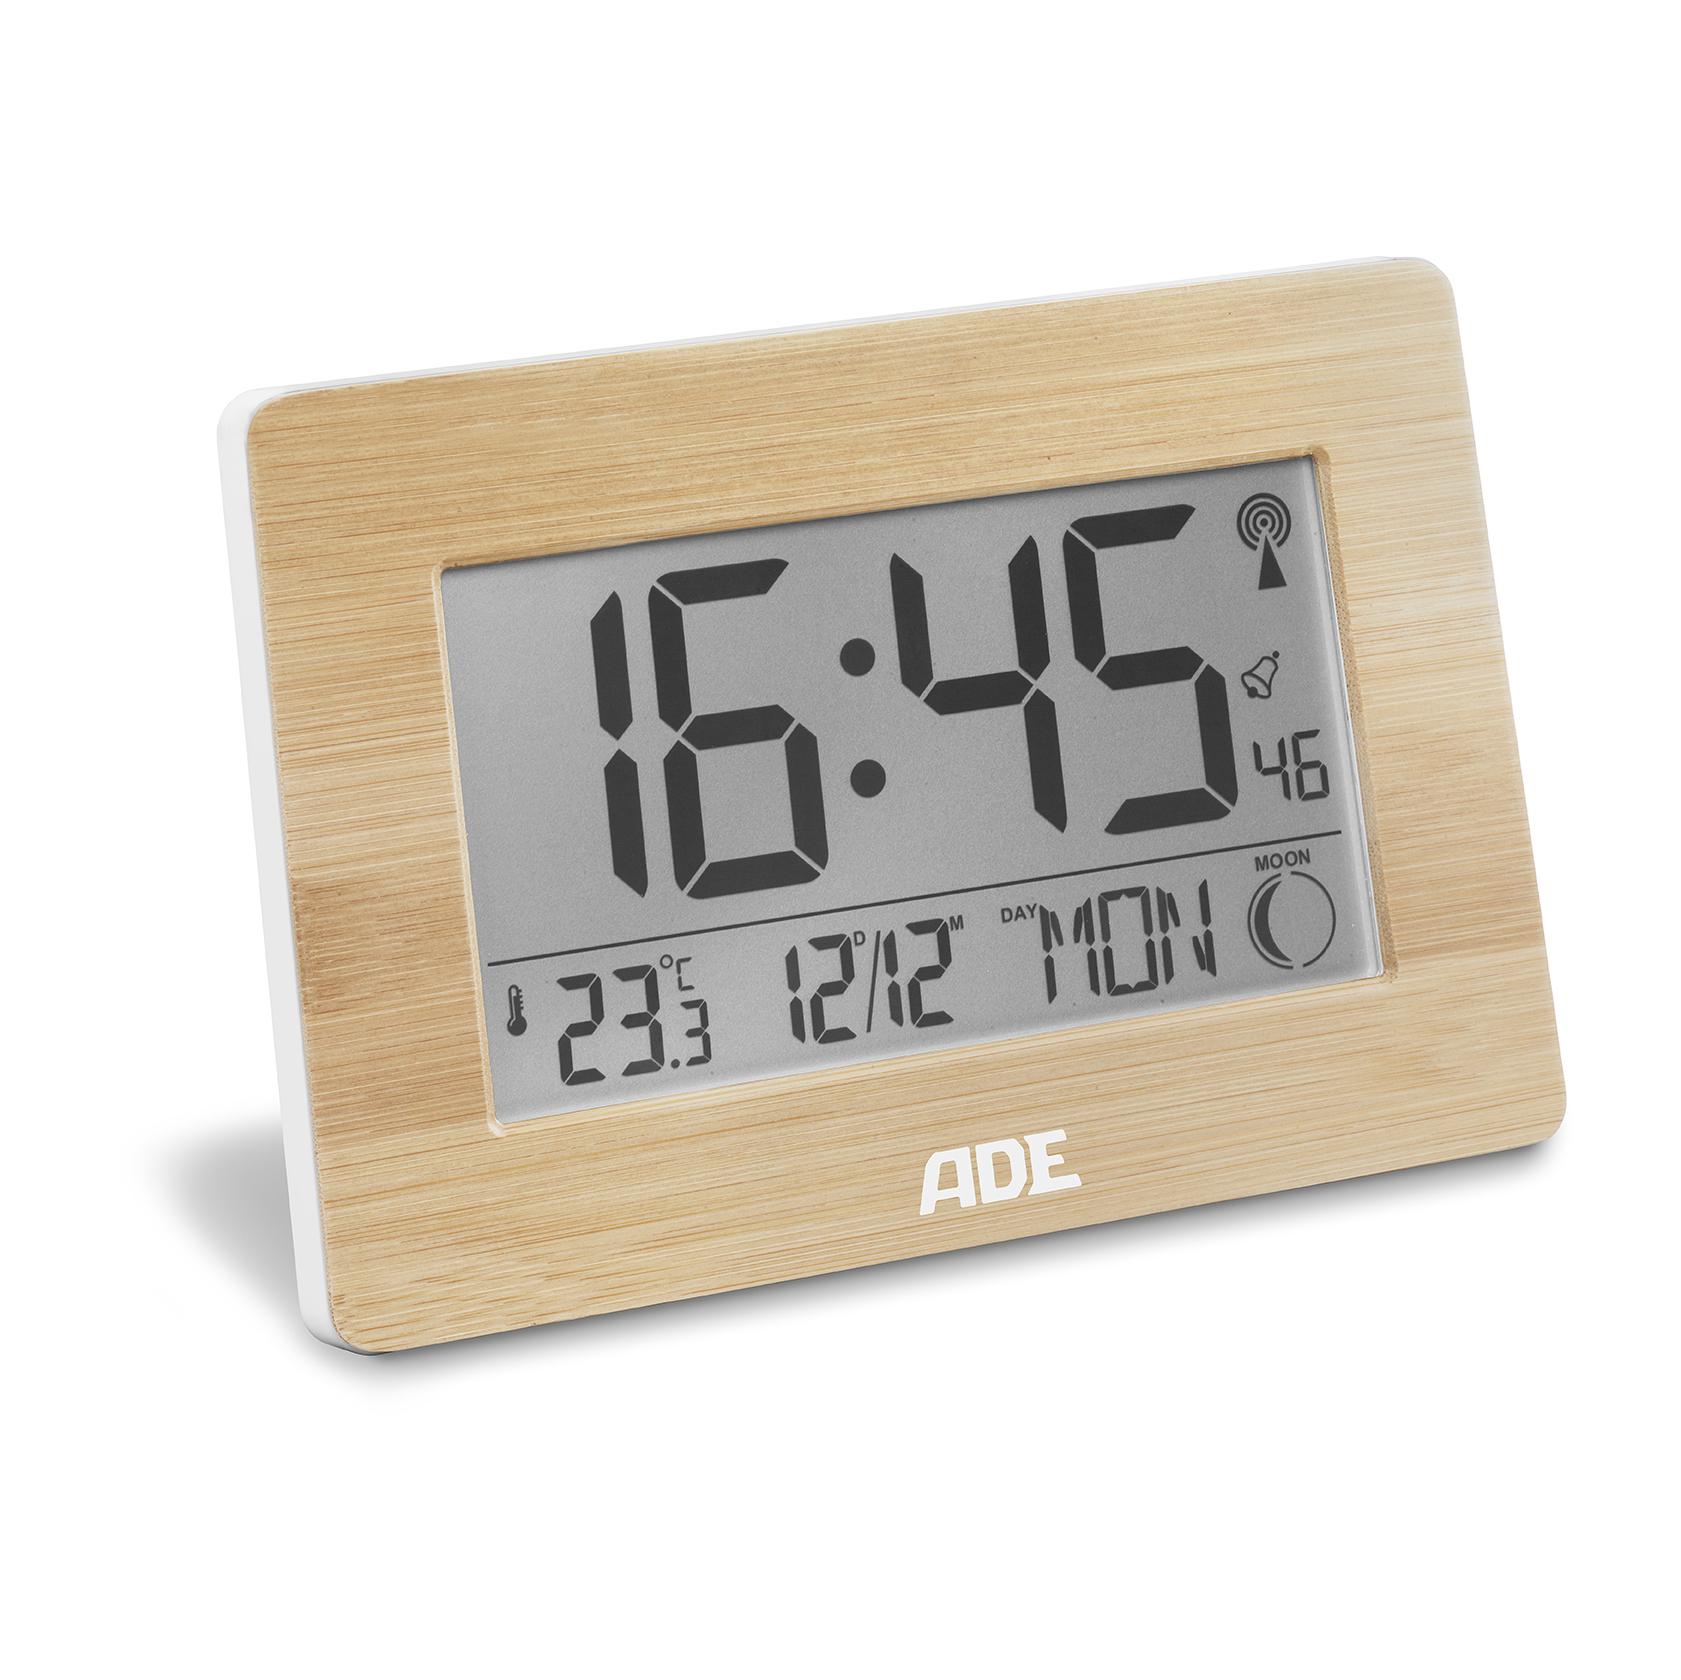 Tijdsein gestuurde klok met maanstand, temperatuur en datumweergave